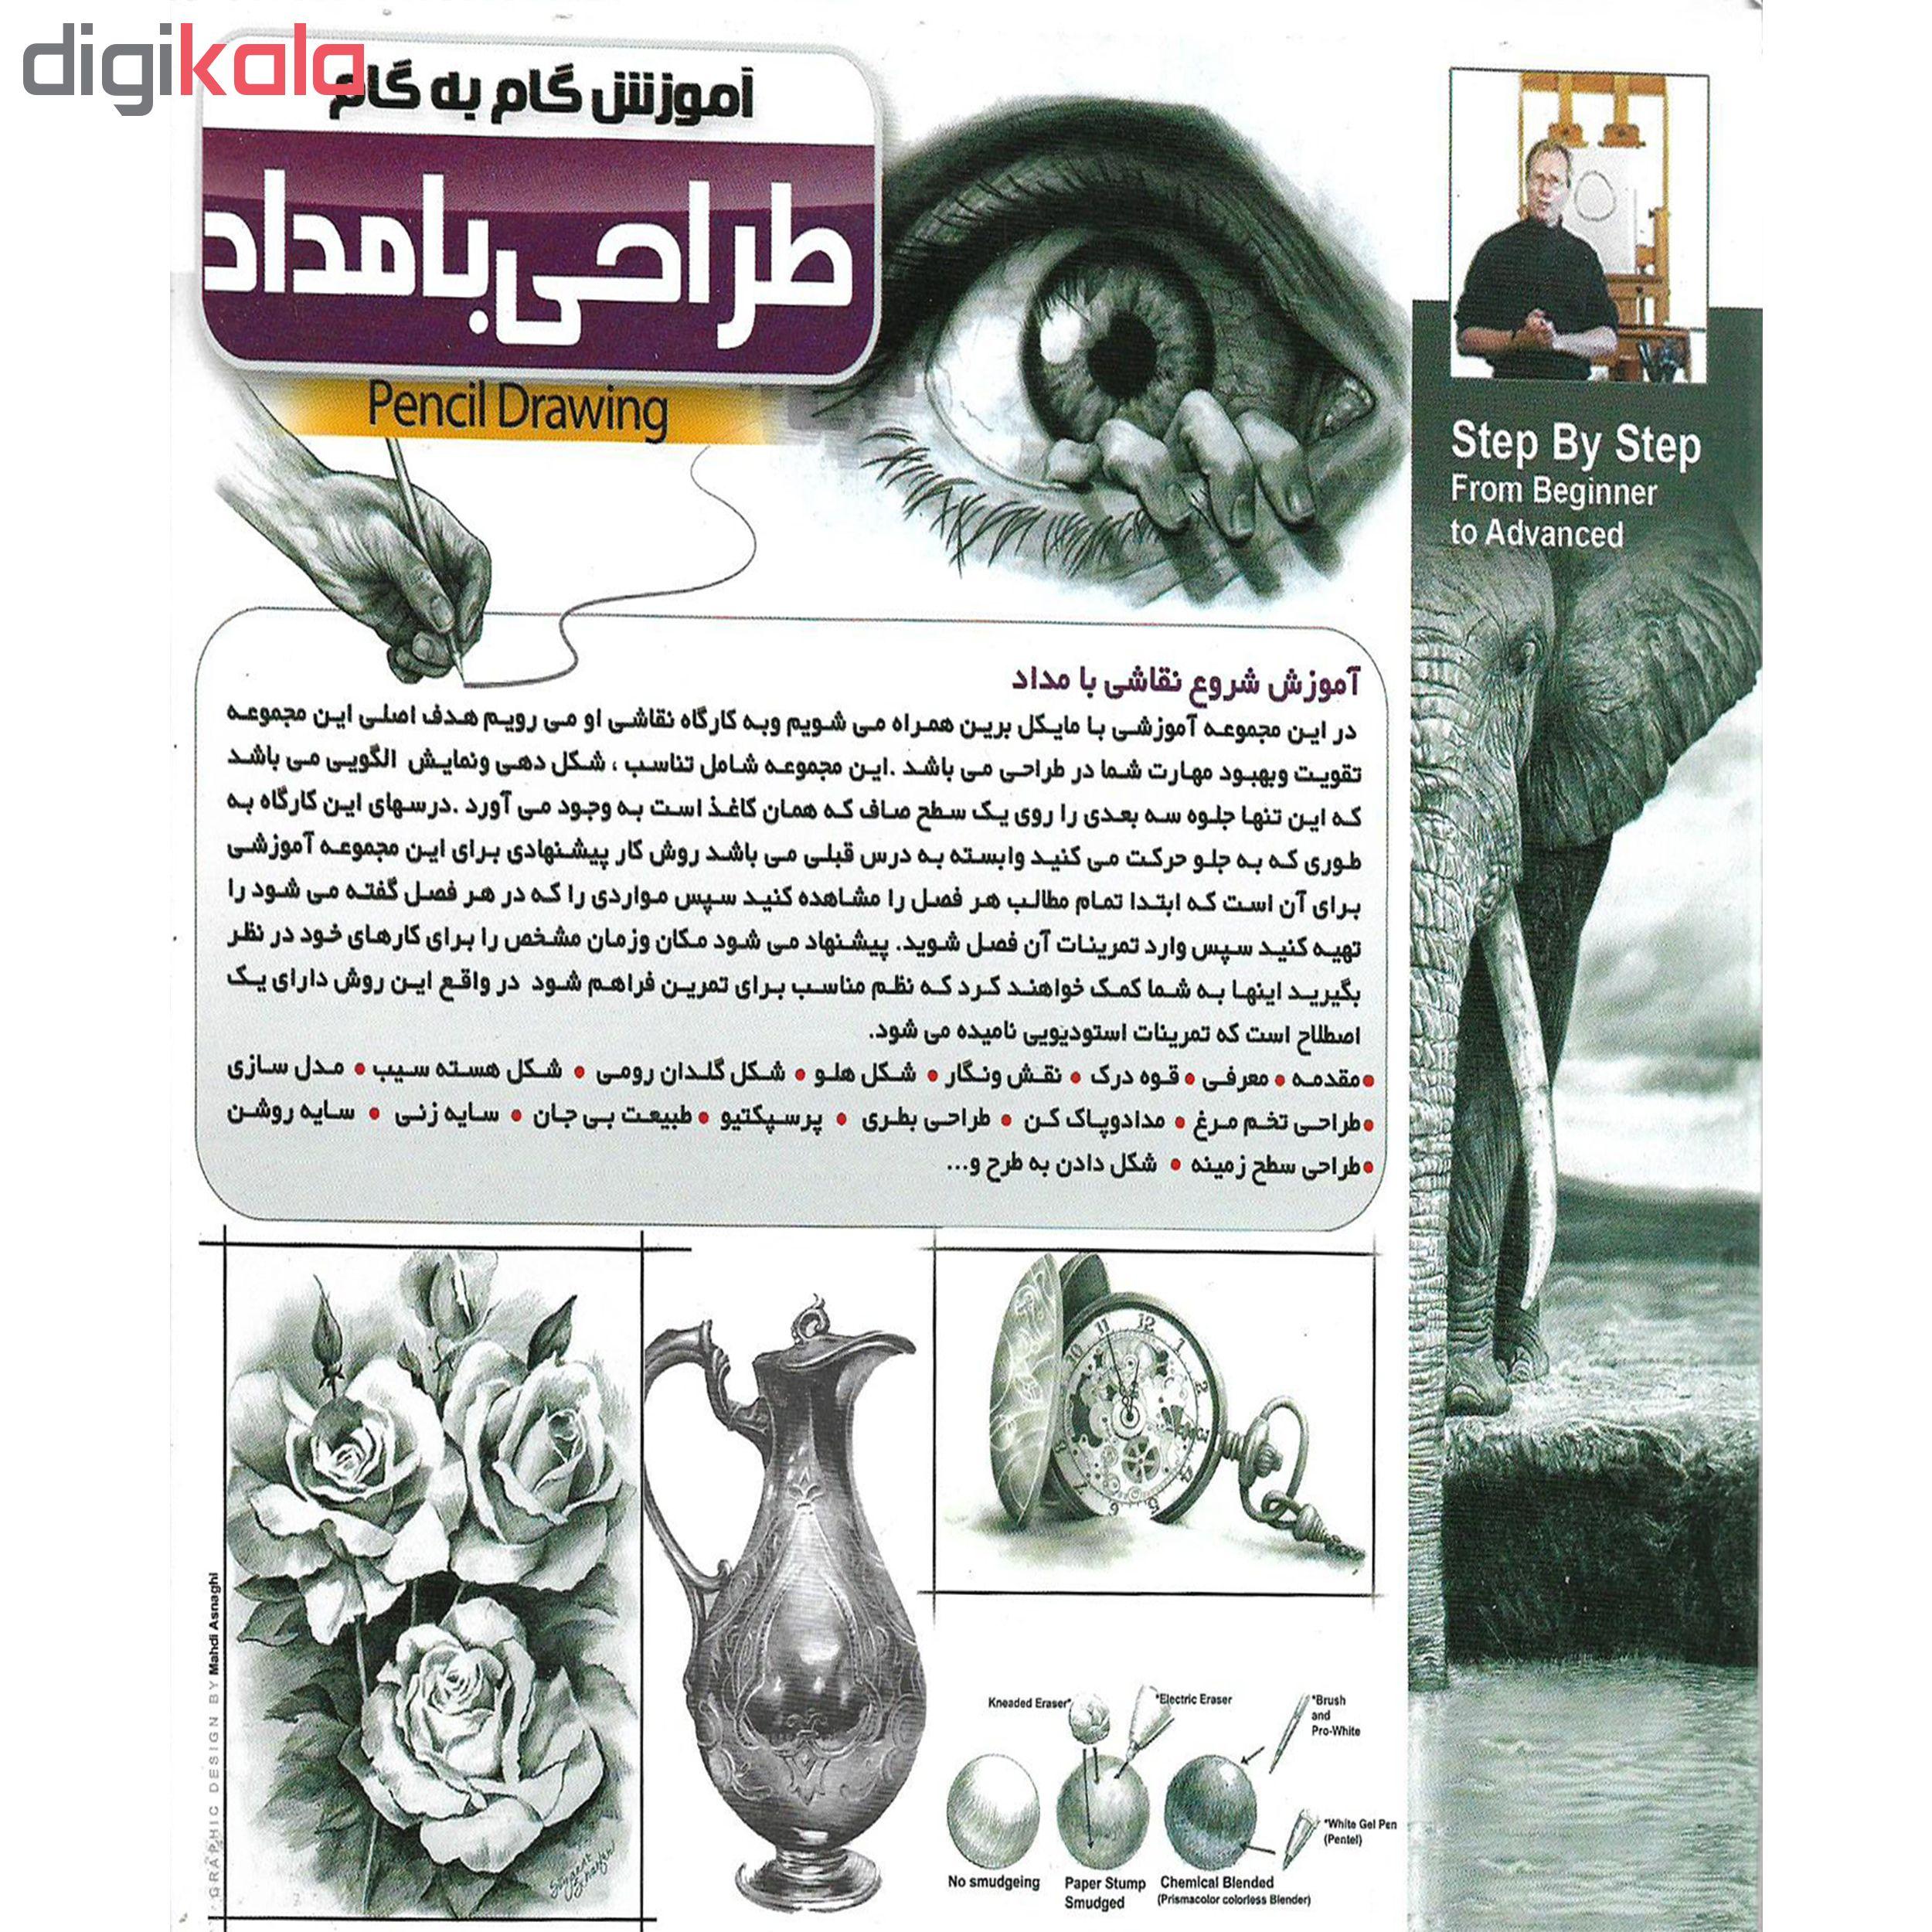 نرم افزار آموزش طراحی با مداد نشر پانا به همراه نرم افزار آموزش نقاشی با آبرنگ نشر پانا